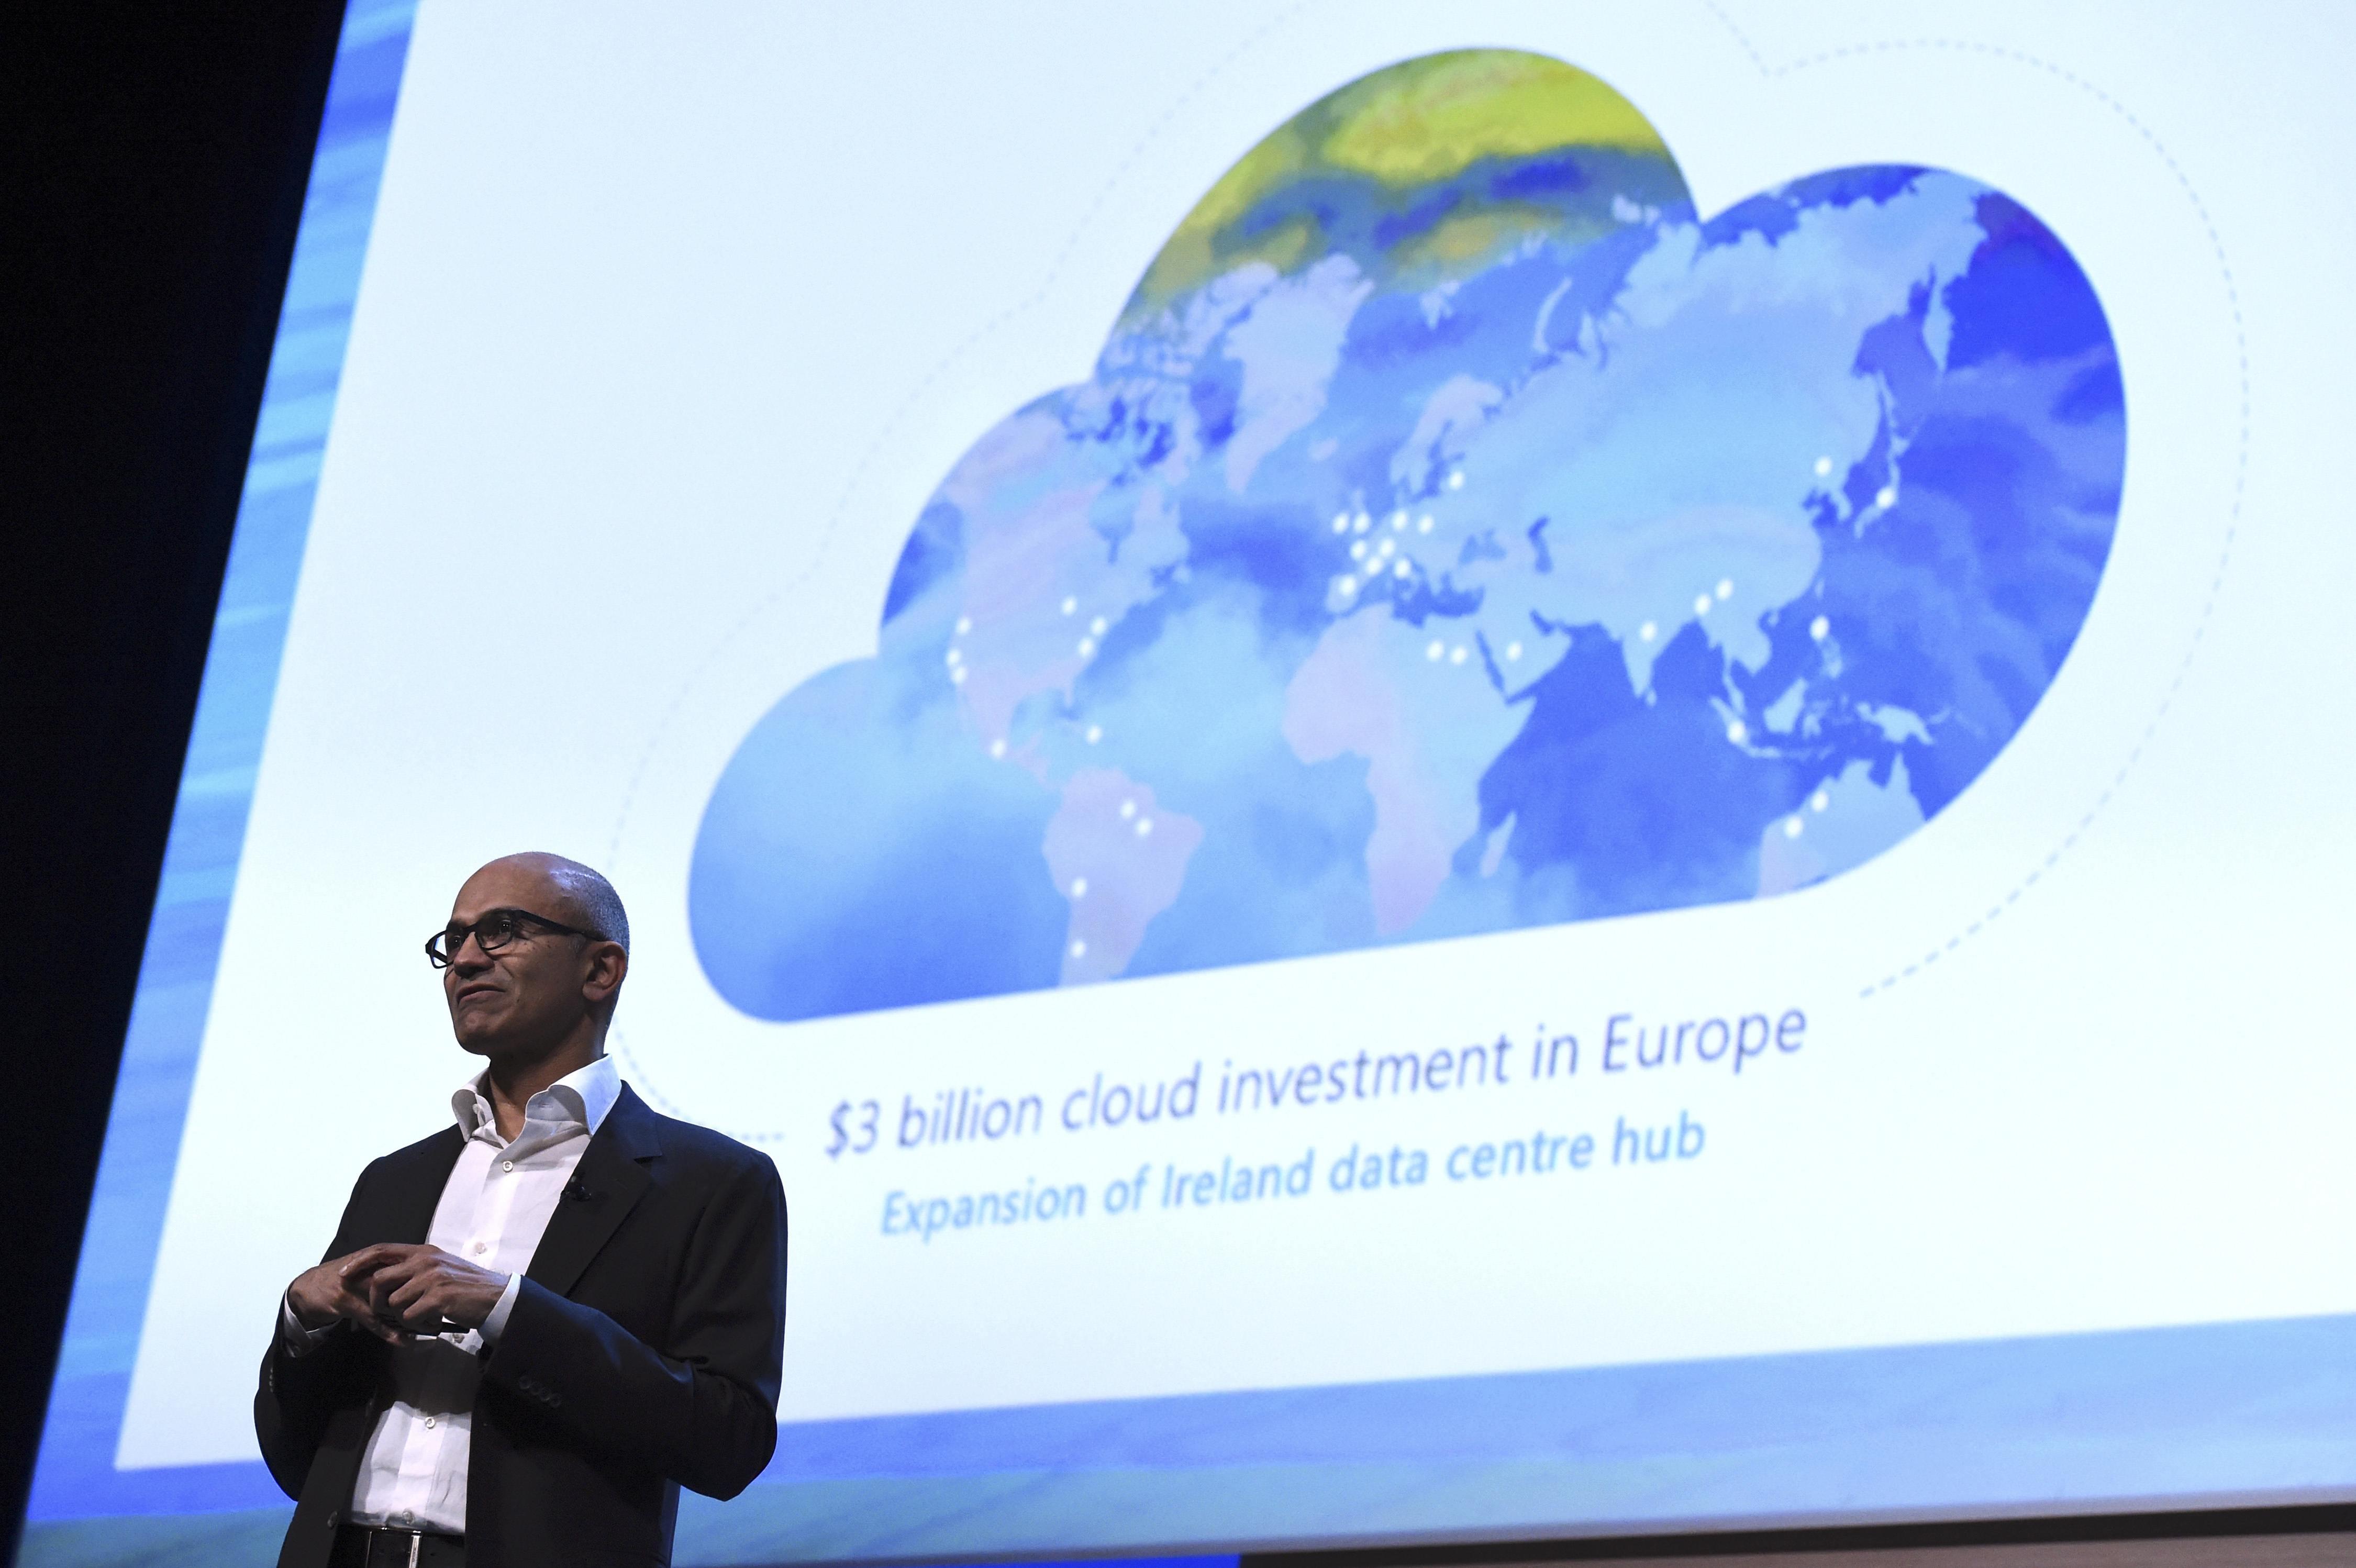 Izvršni direktor Microsofta, Satya Nadella